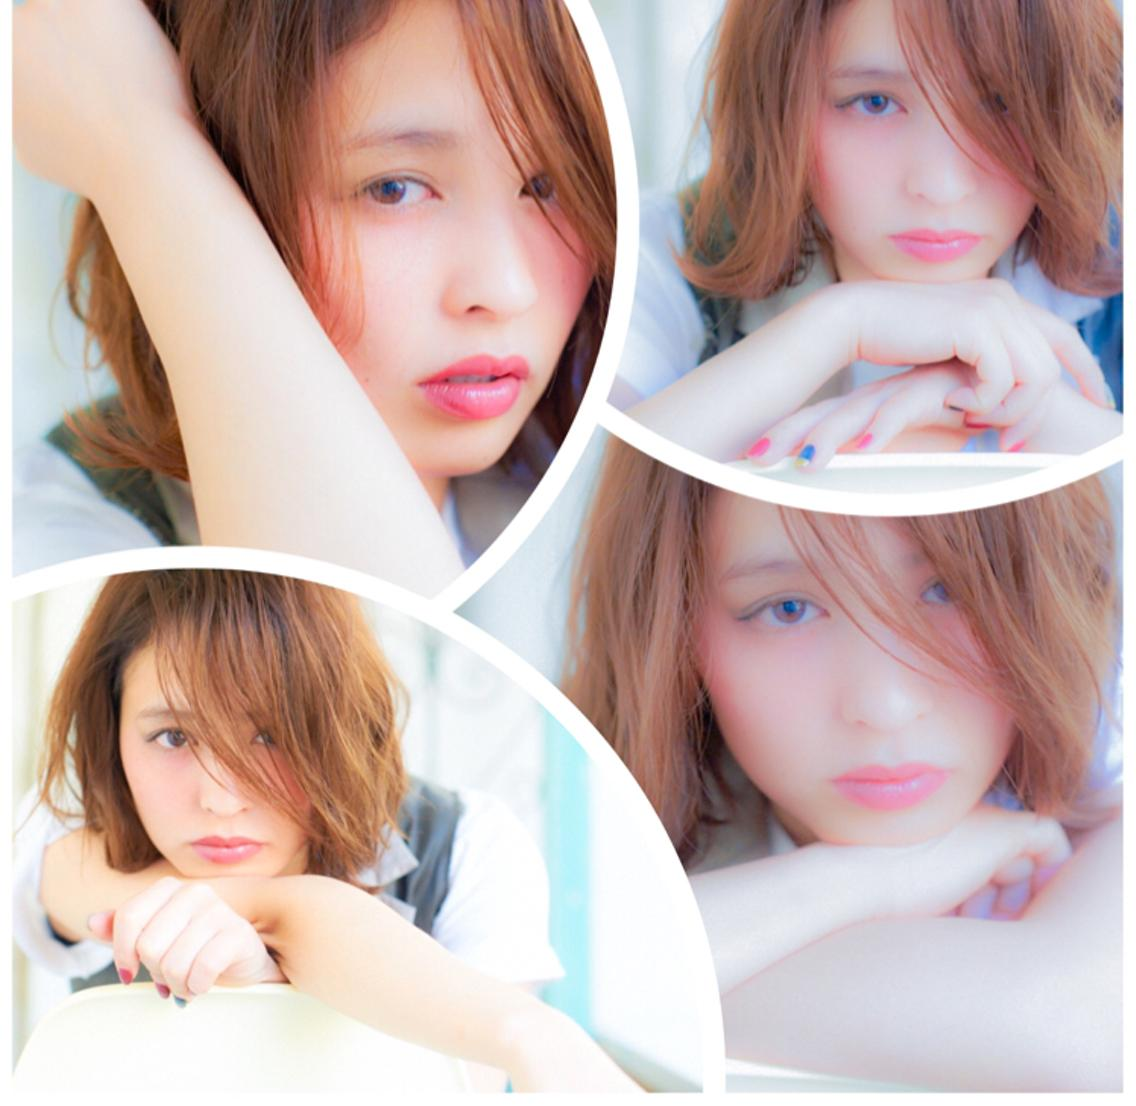 急募!銀座美容室☆カットモデル募集!12/20.20:00から☆